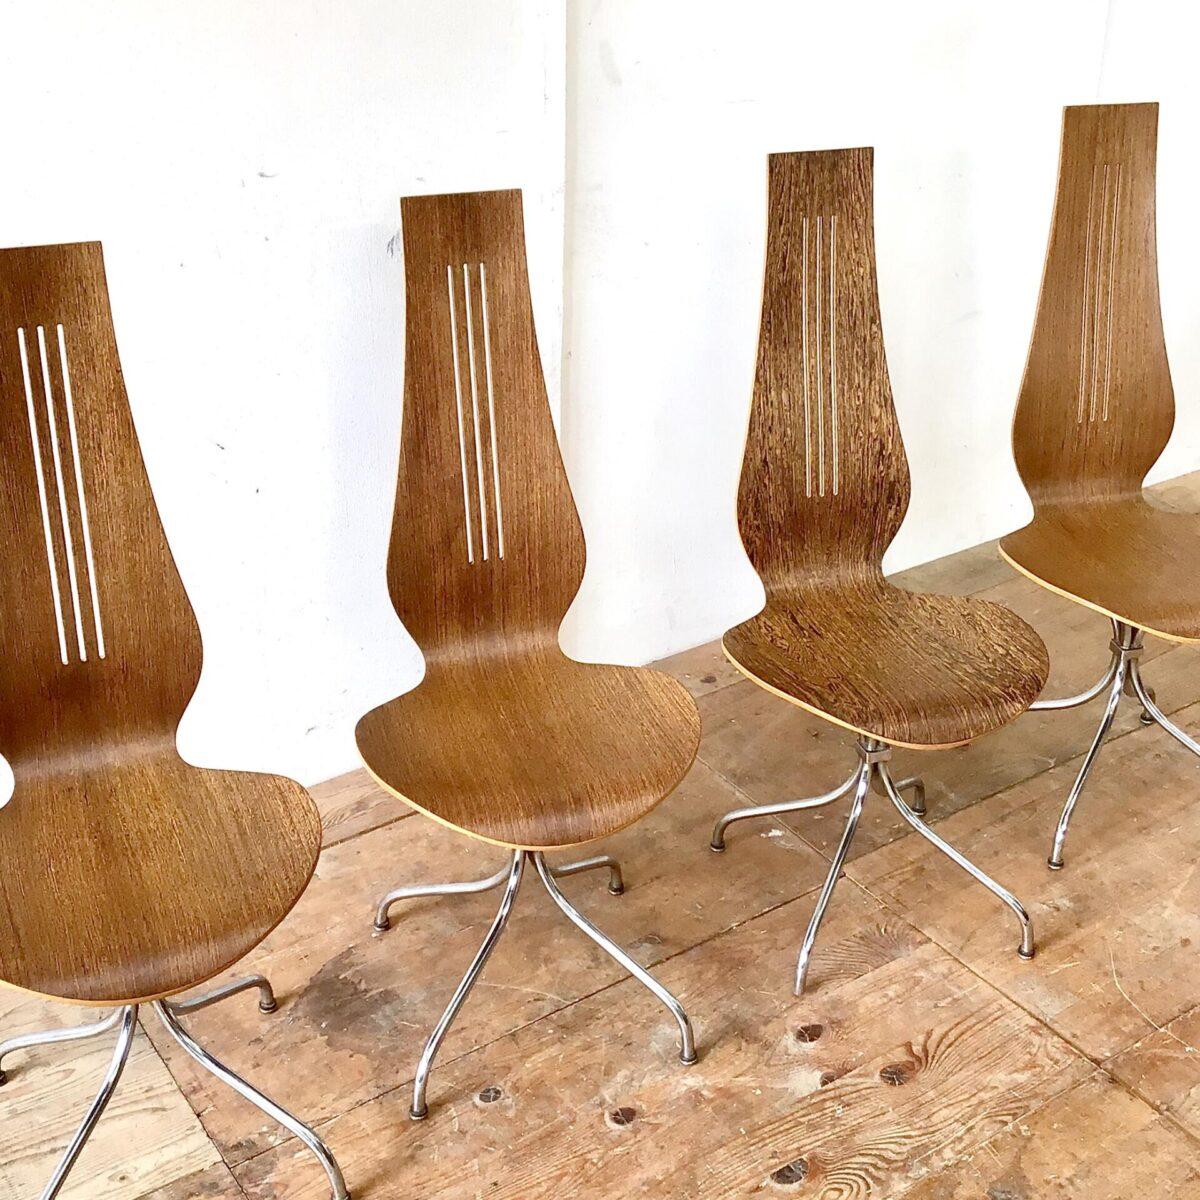 Midcentury Esszimmer Stühle von Theo Häberlin aus den 70er Jahren. Sitzhöhe 45cm gesamt Höhe ca. 106cm. Die Formsperrholz Sitzschale, mit hohem Rücken, ist angenehm zwischen den Schulterblättern. Diese Stühle heben sich vorallem durch die Höhe von anderen Stühlen ab. Die Lehne überragt deutlich die Höhe einer Tischkante. Das Metall Untergestell ist verchromt, stabil und hochwertig ausgeführt. Der kleine Metall Würfel, durch den die Stuhlbeine verlaufen, erinnert mich an Art déco Möbel Elemente. Einer der Stühle unterscheidet sich deutlich durch die lebhafte Holzmaserung.